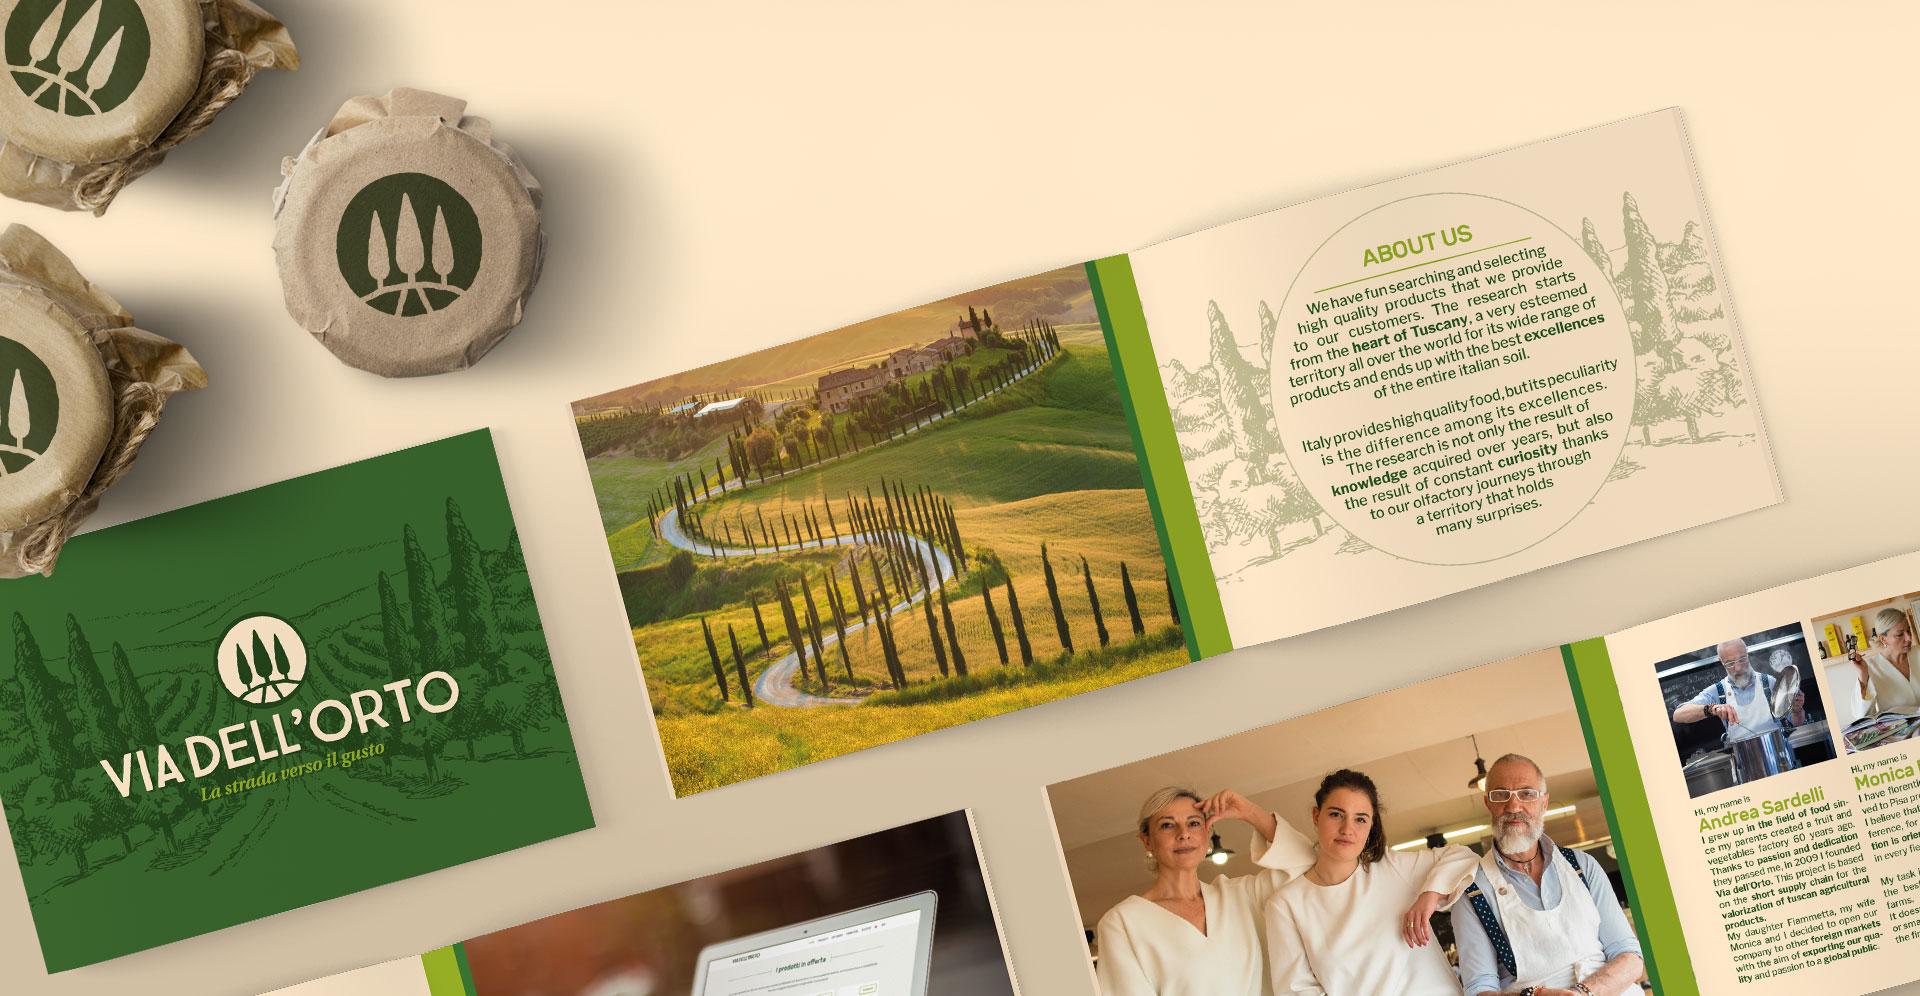 viadellorto-brochure1-016studio